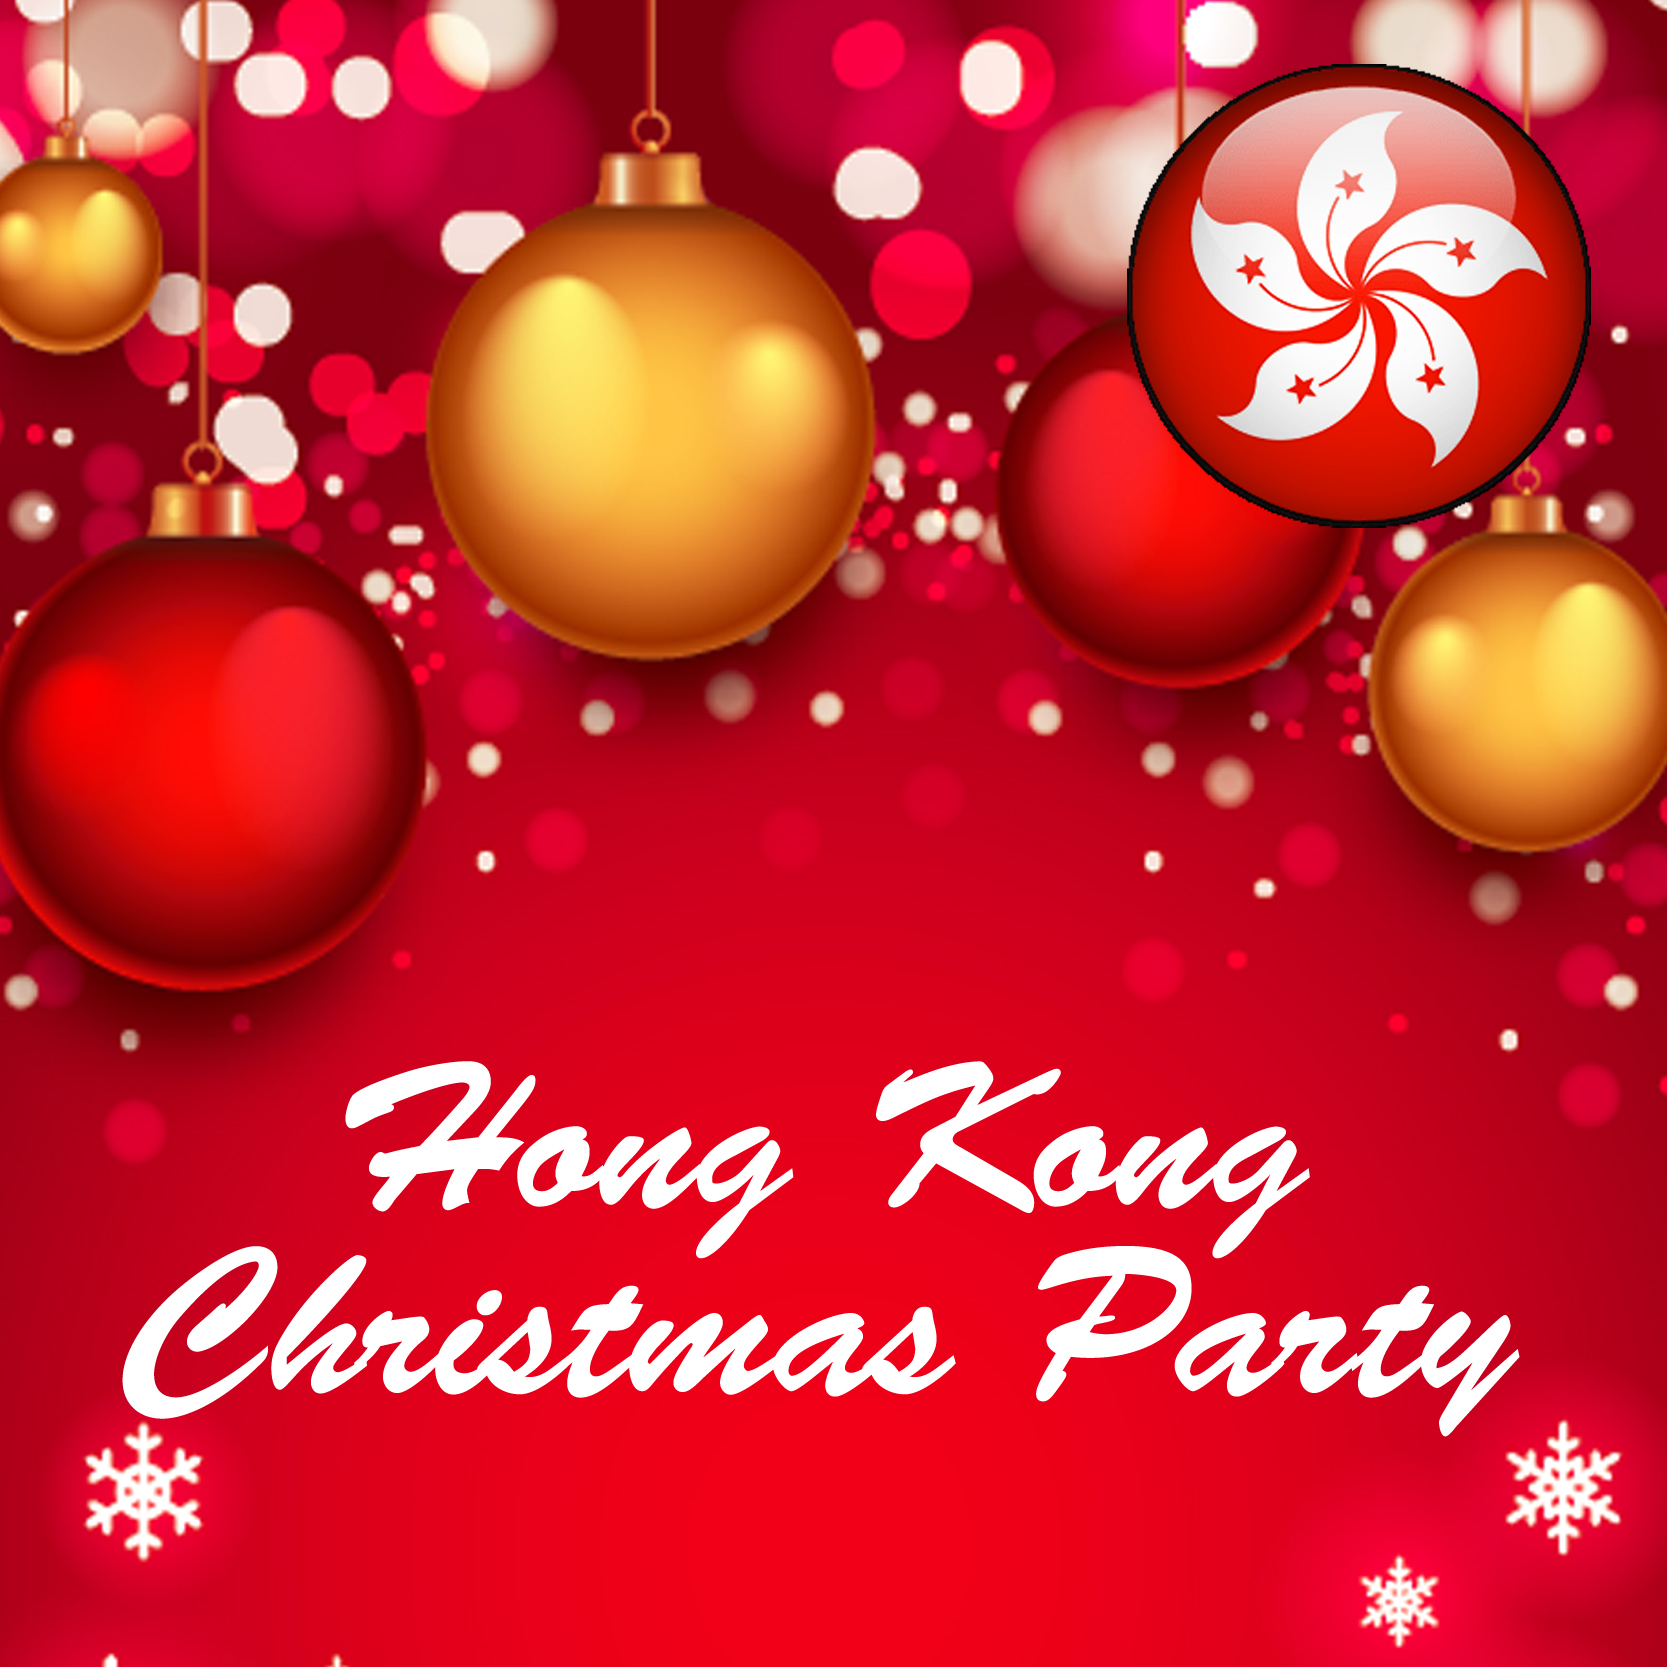 Dec 13 - Hong Kong Christmas Party